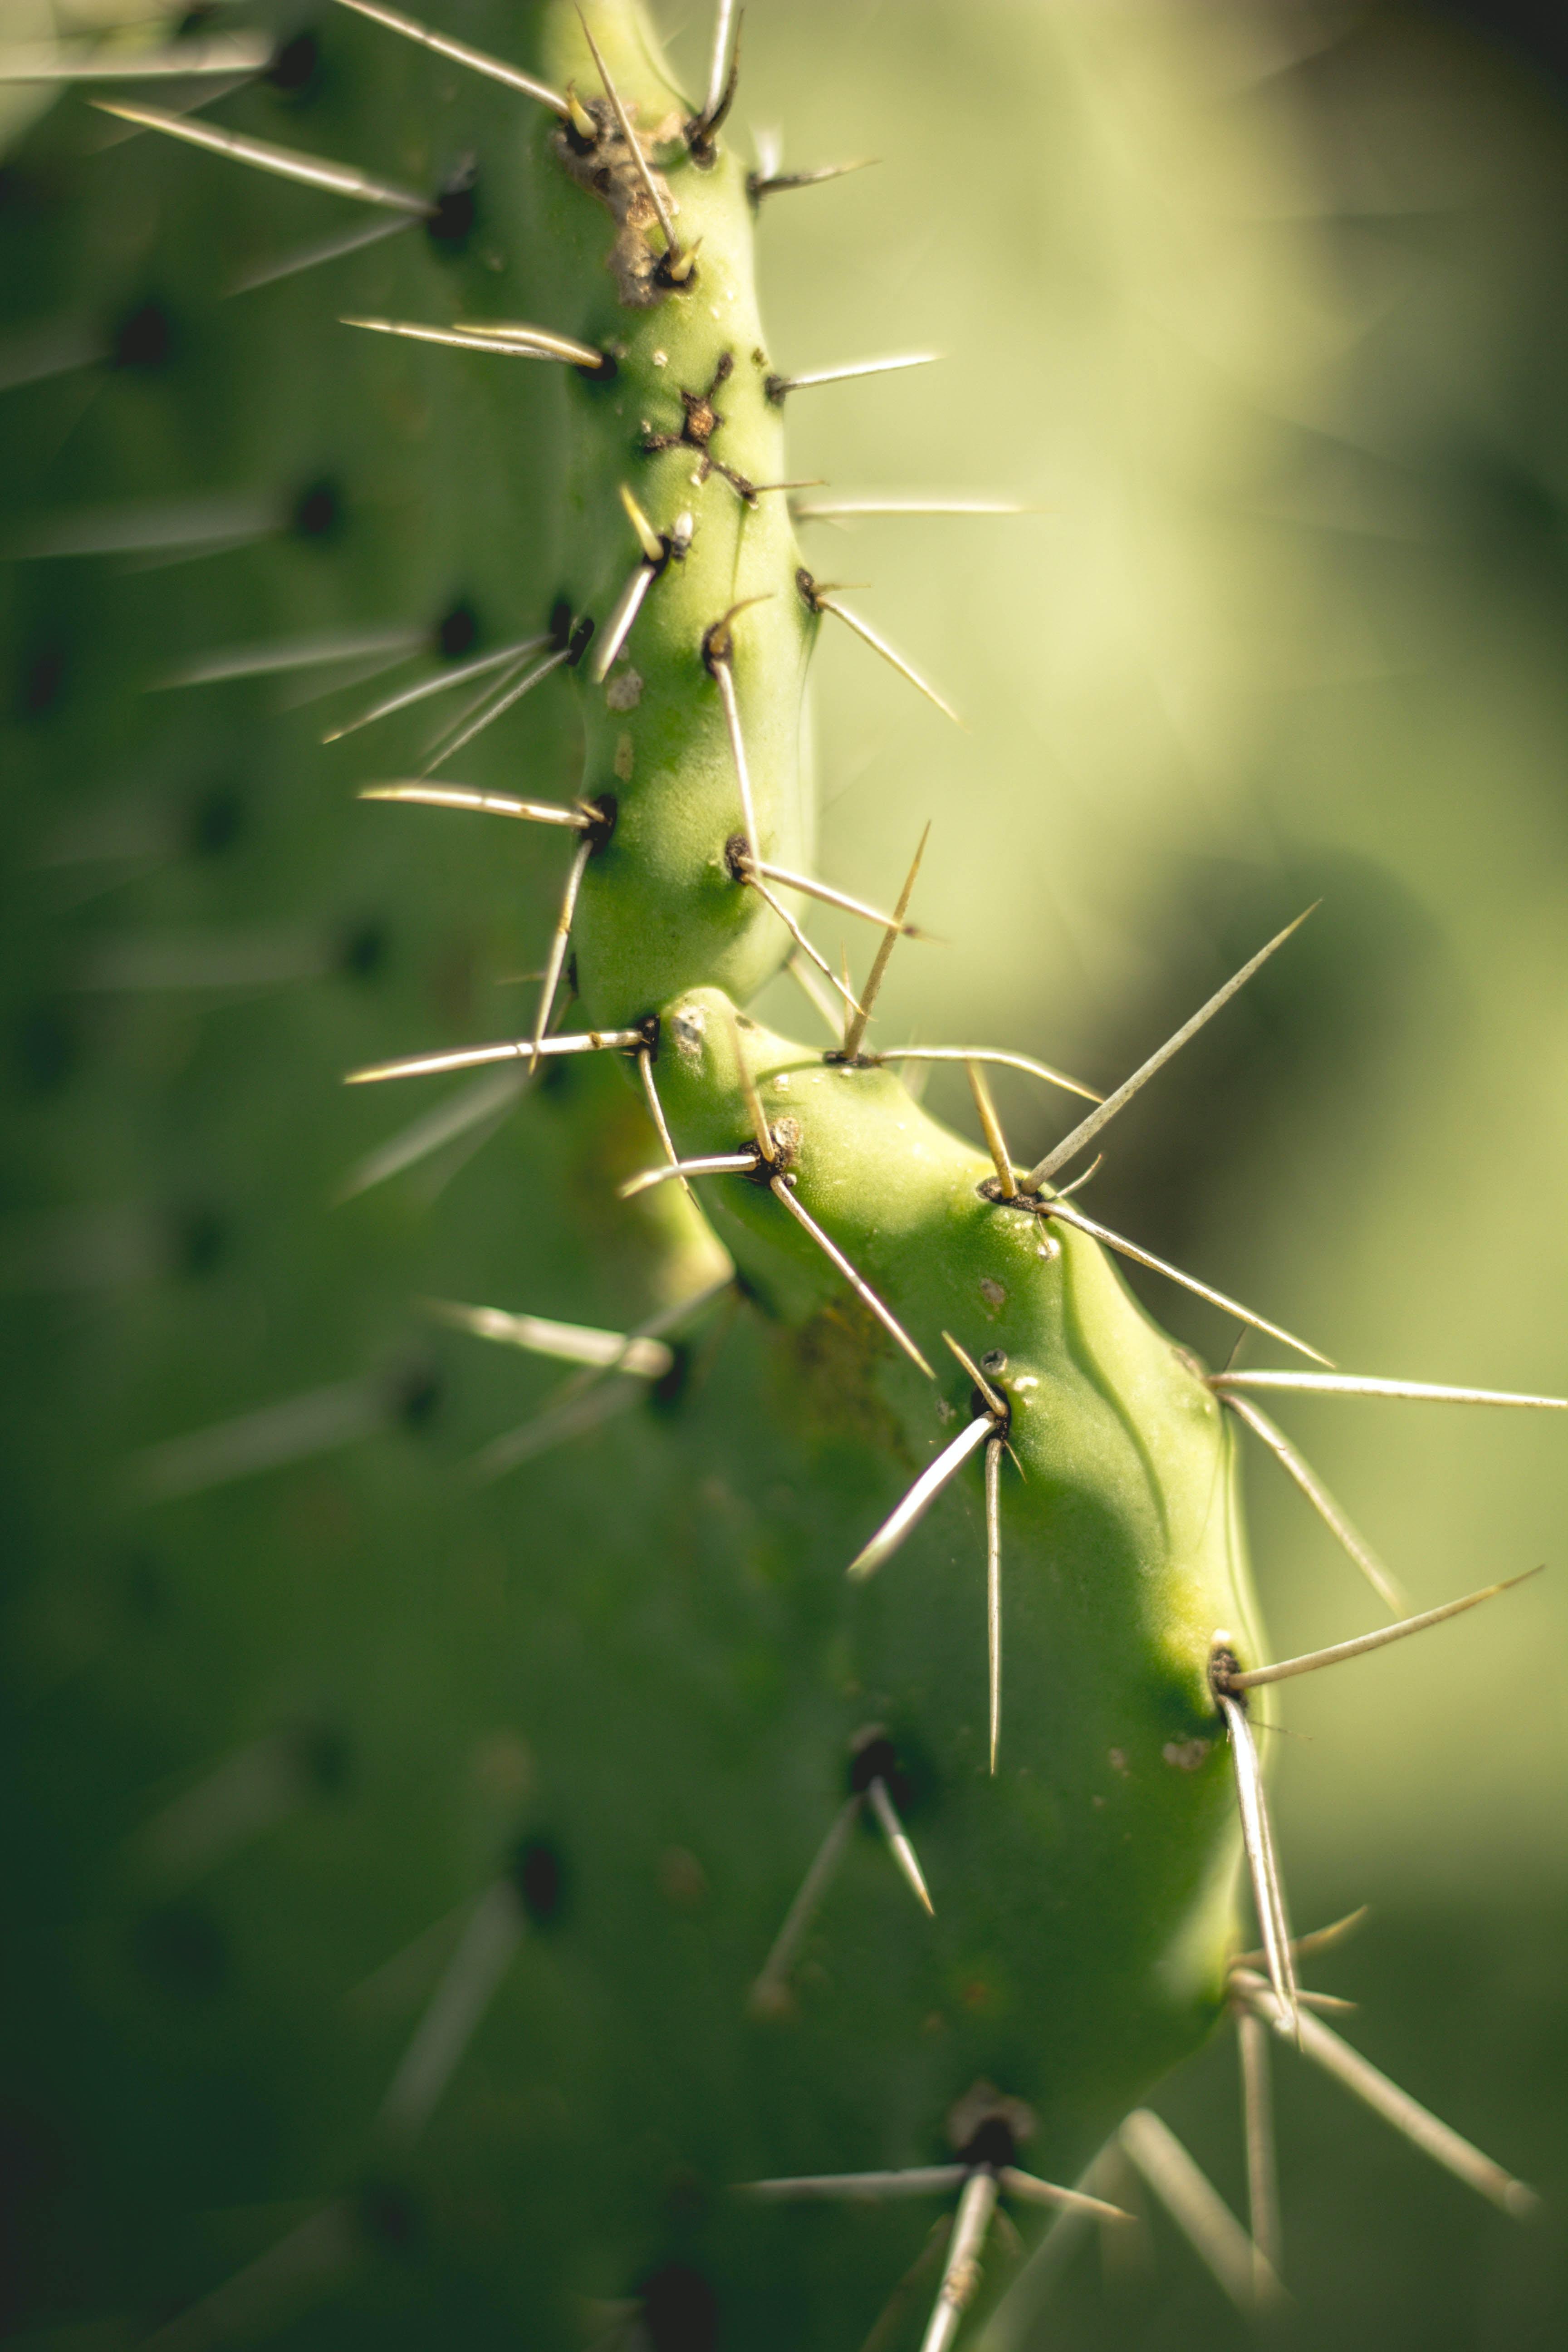 closeup photography of cactus